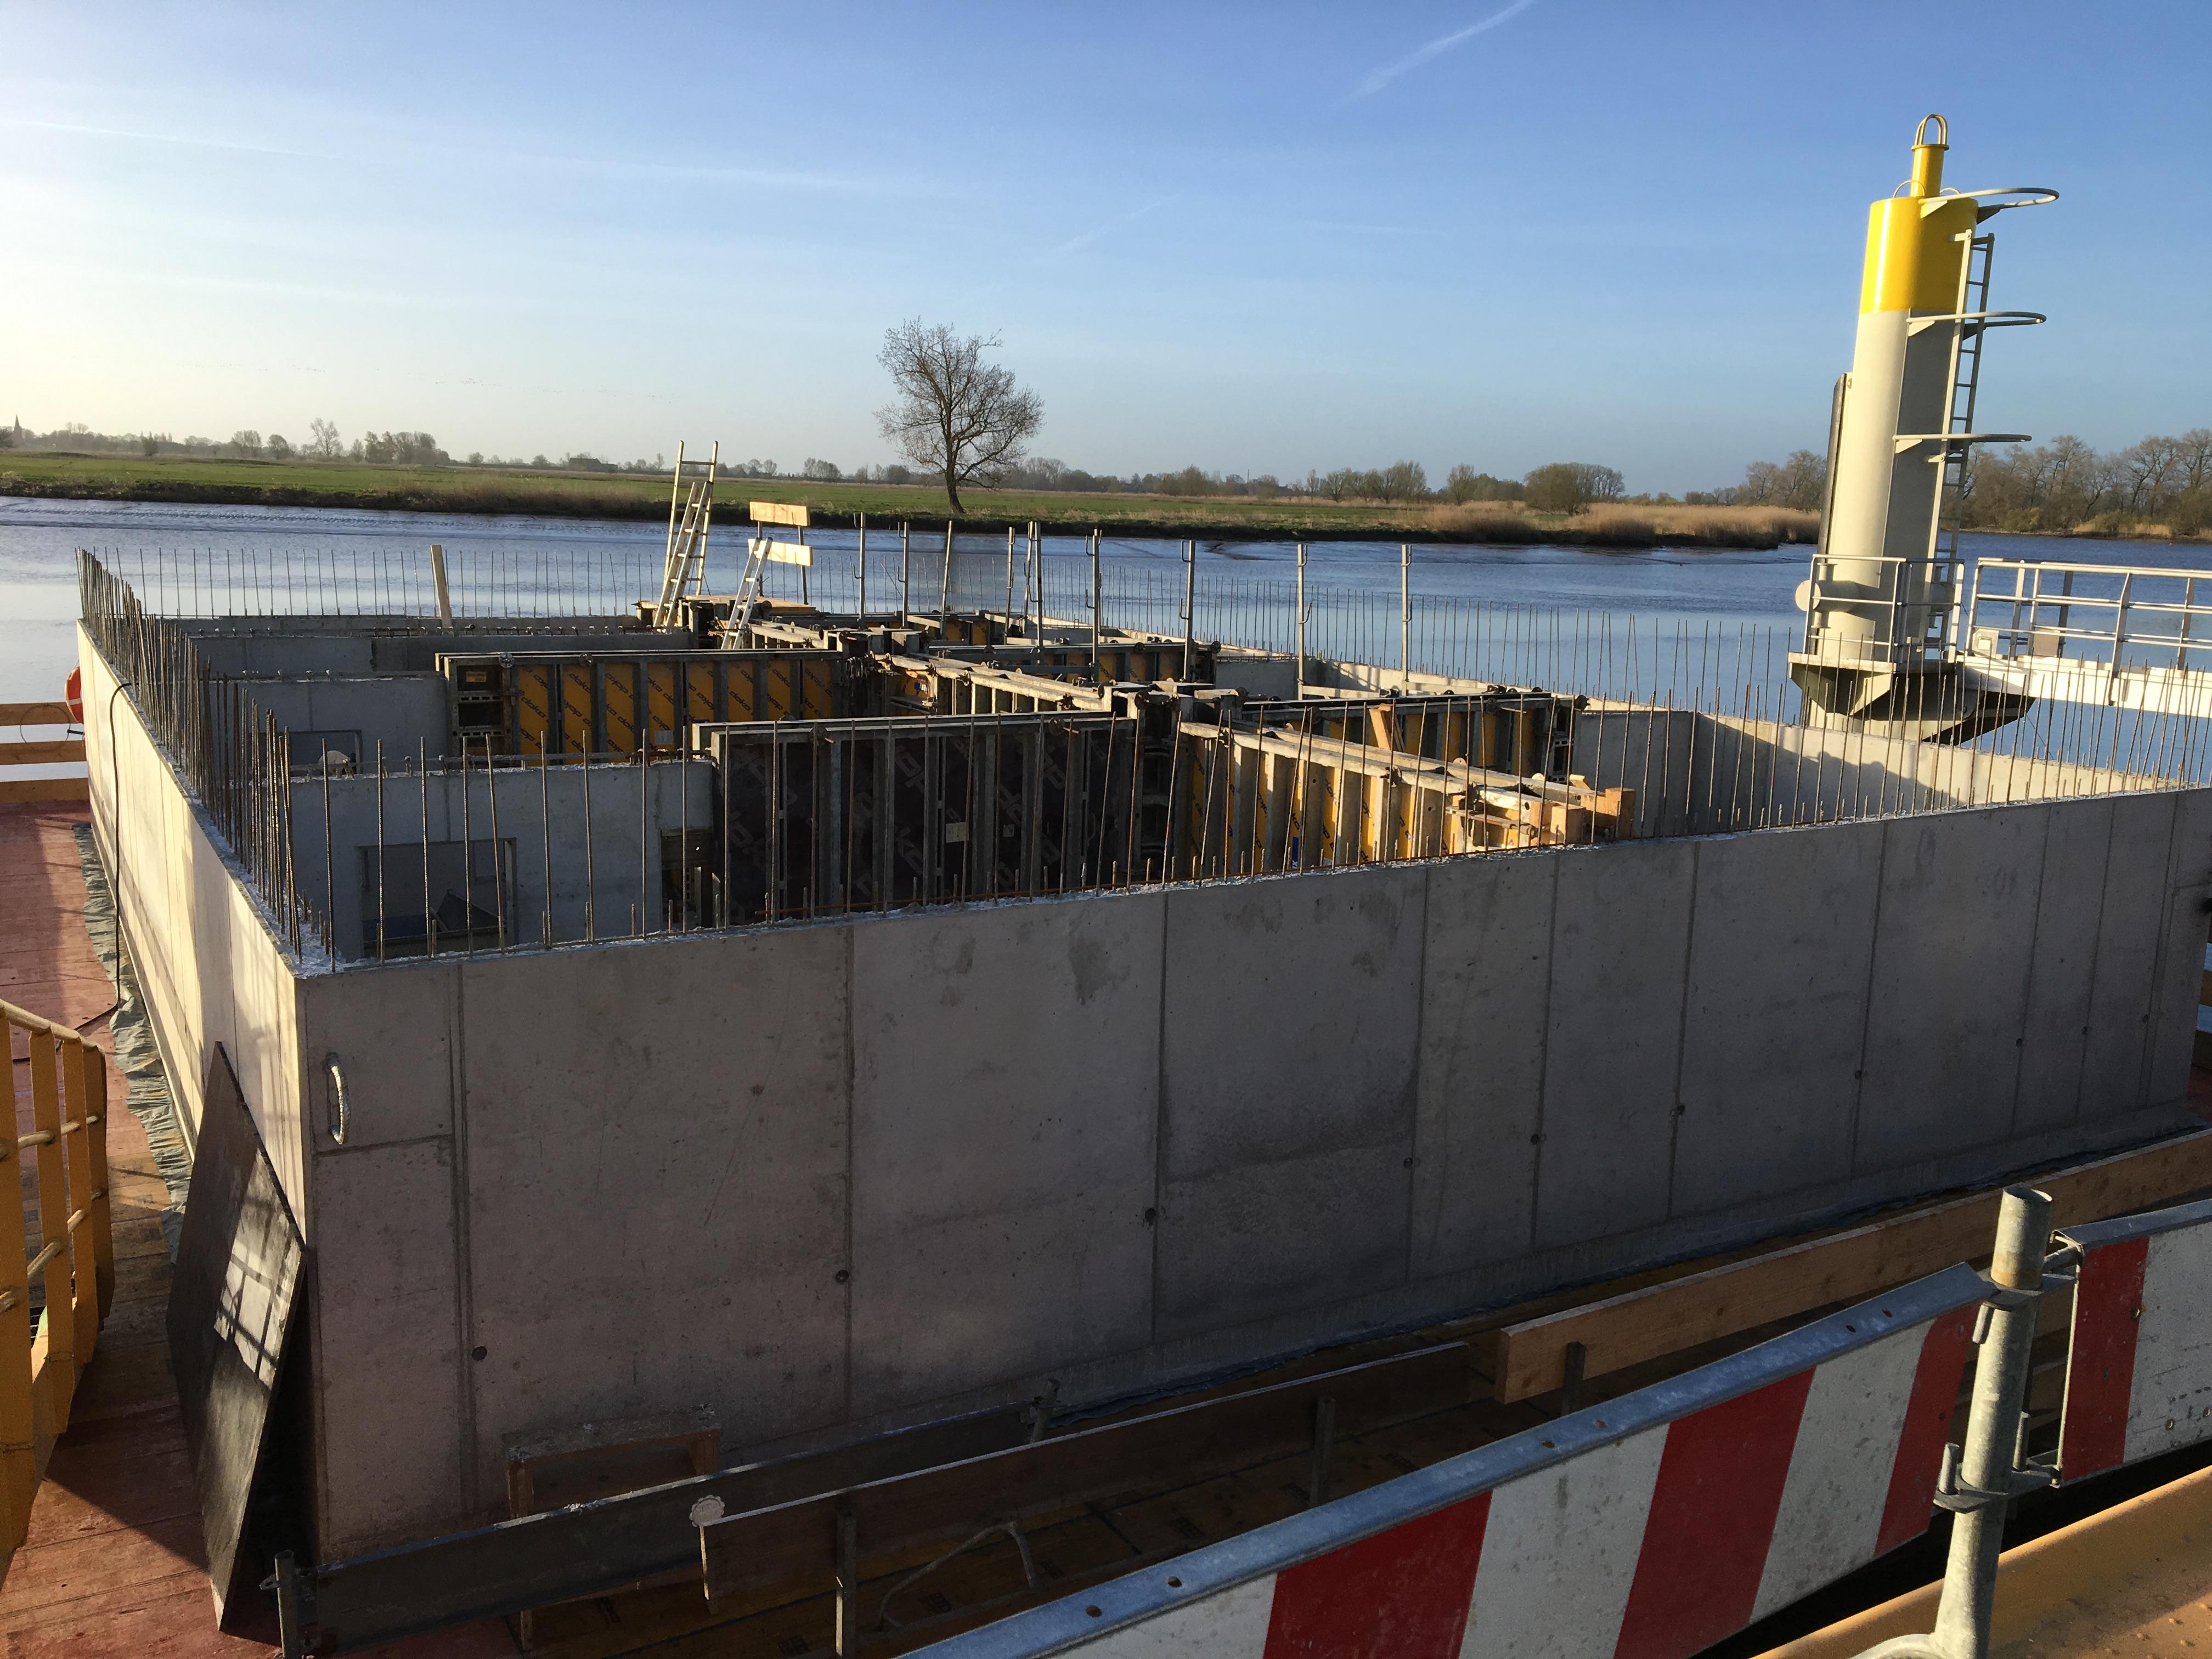 Hier sieht man die noch teilweise eingeschalten Wände als Grundgerüst des Pontons. Hergestellt wurde er am Kai der Peters-Werft in Wewelsfleth.